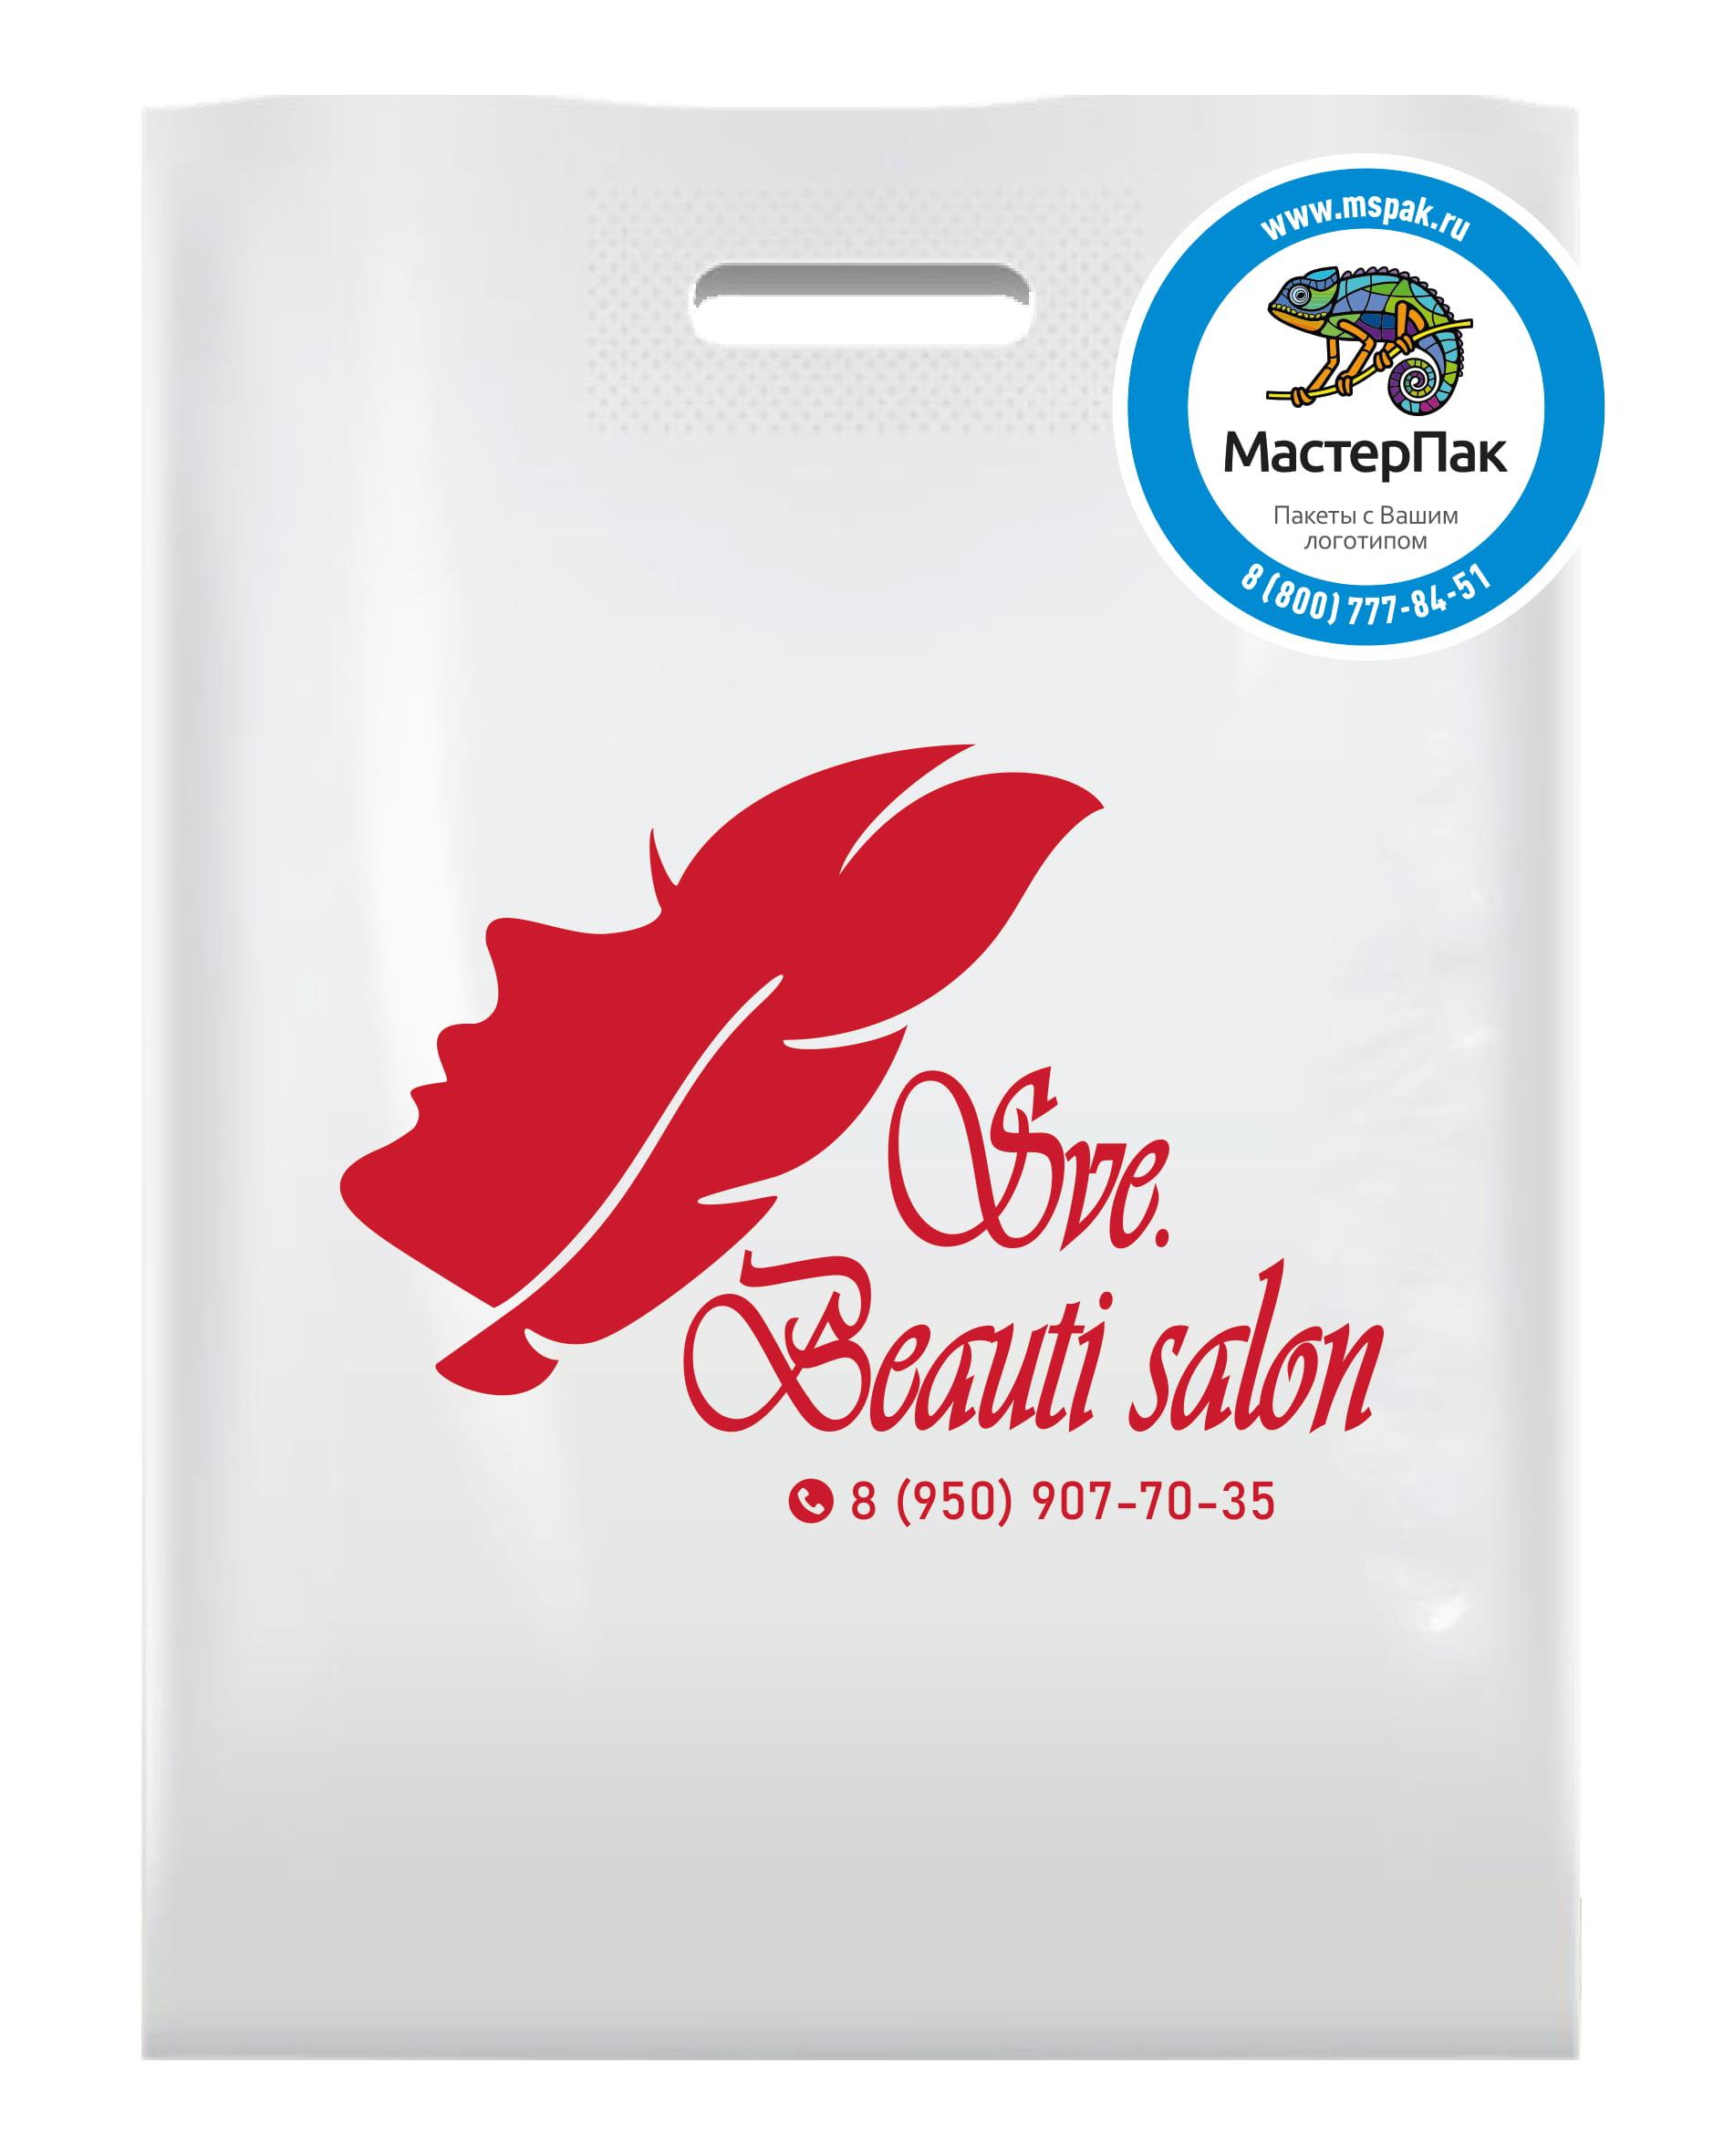 Пакет ПВД с логотипом салона красоты Sve. Beauti salon, Полярные Зори